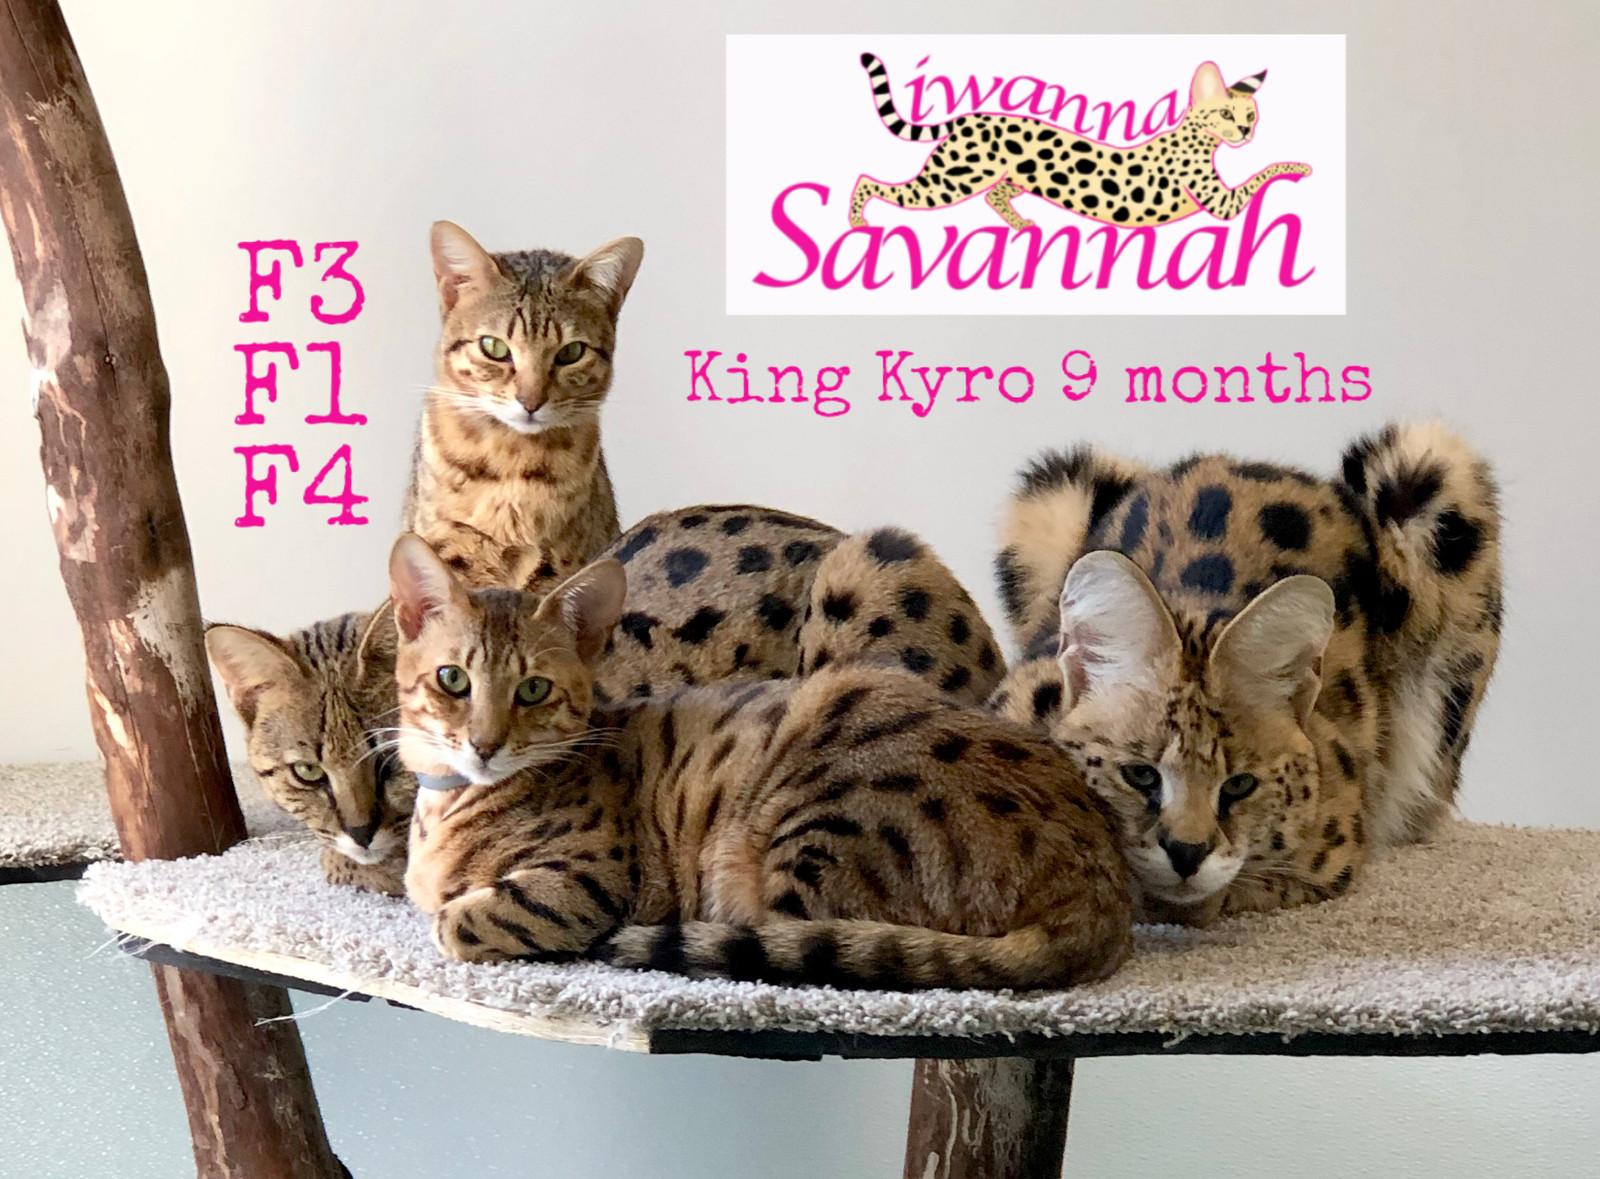 Available savannah kittens|KS|Iwanna Savannah